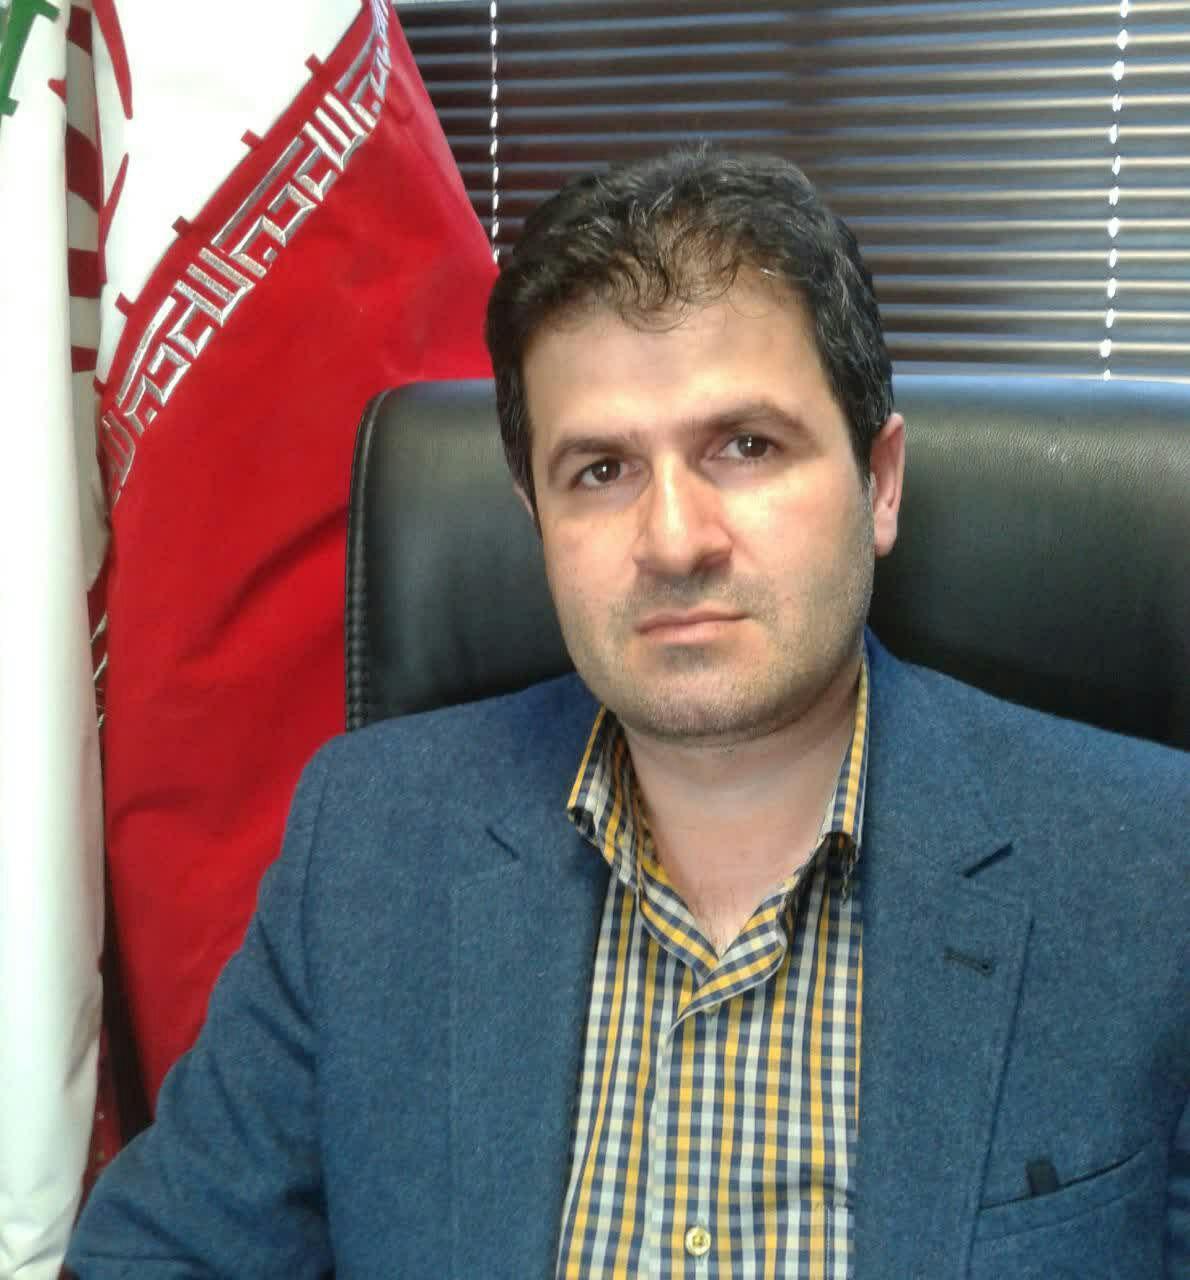 انتصاب سرپرست منطقه سه شهرداری رشت